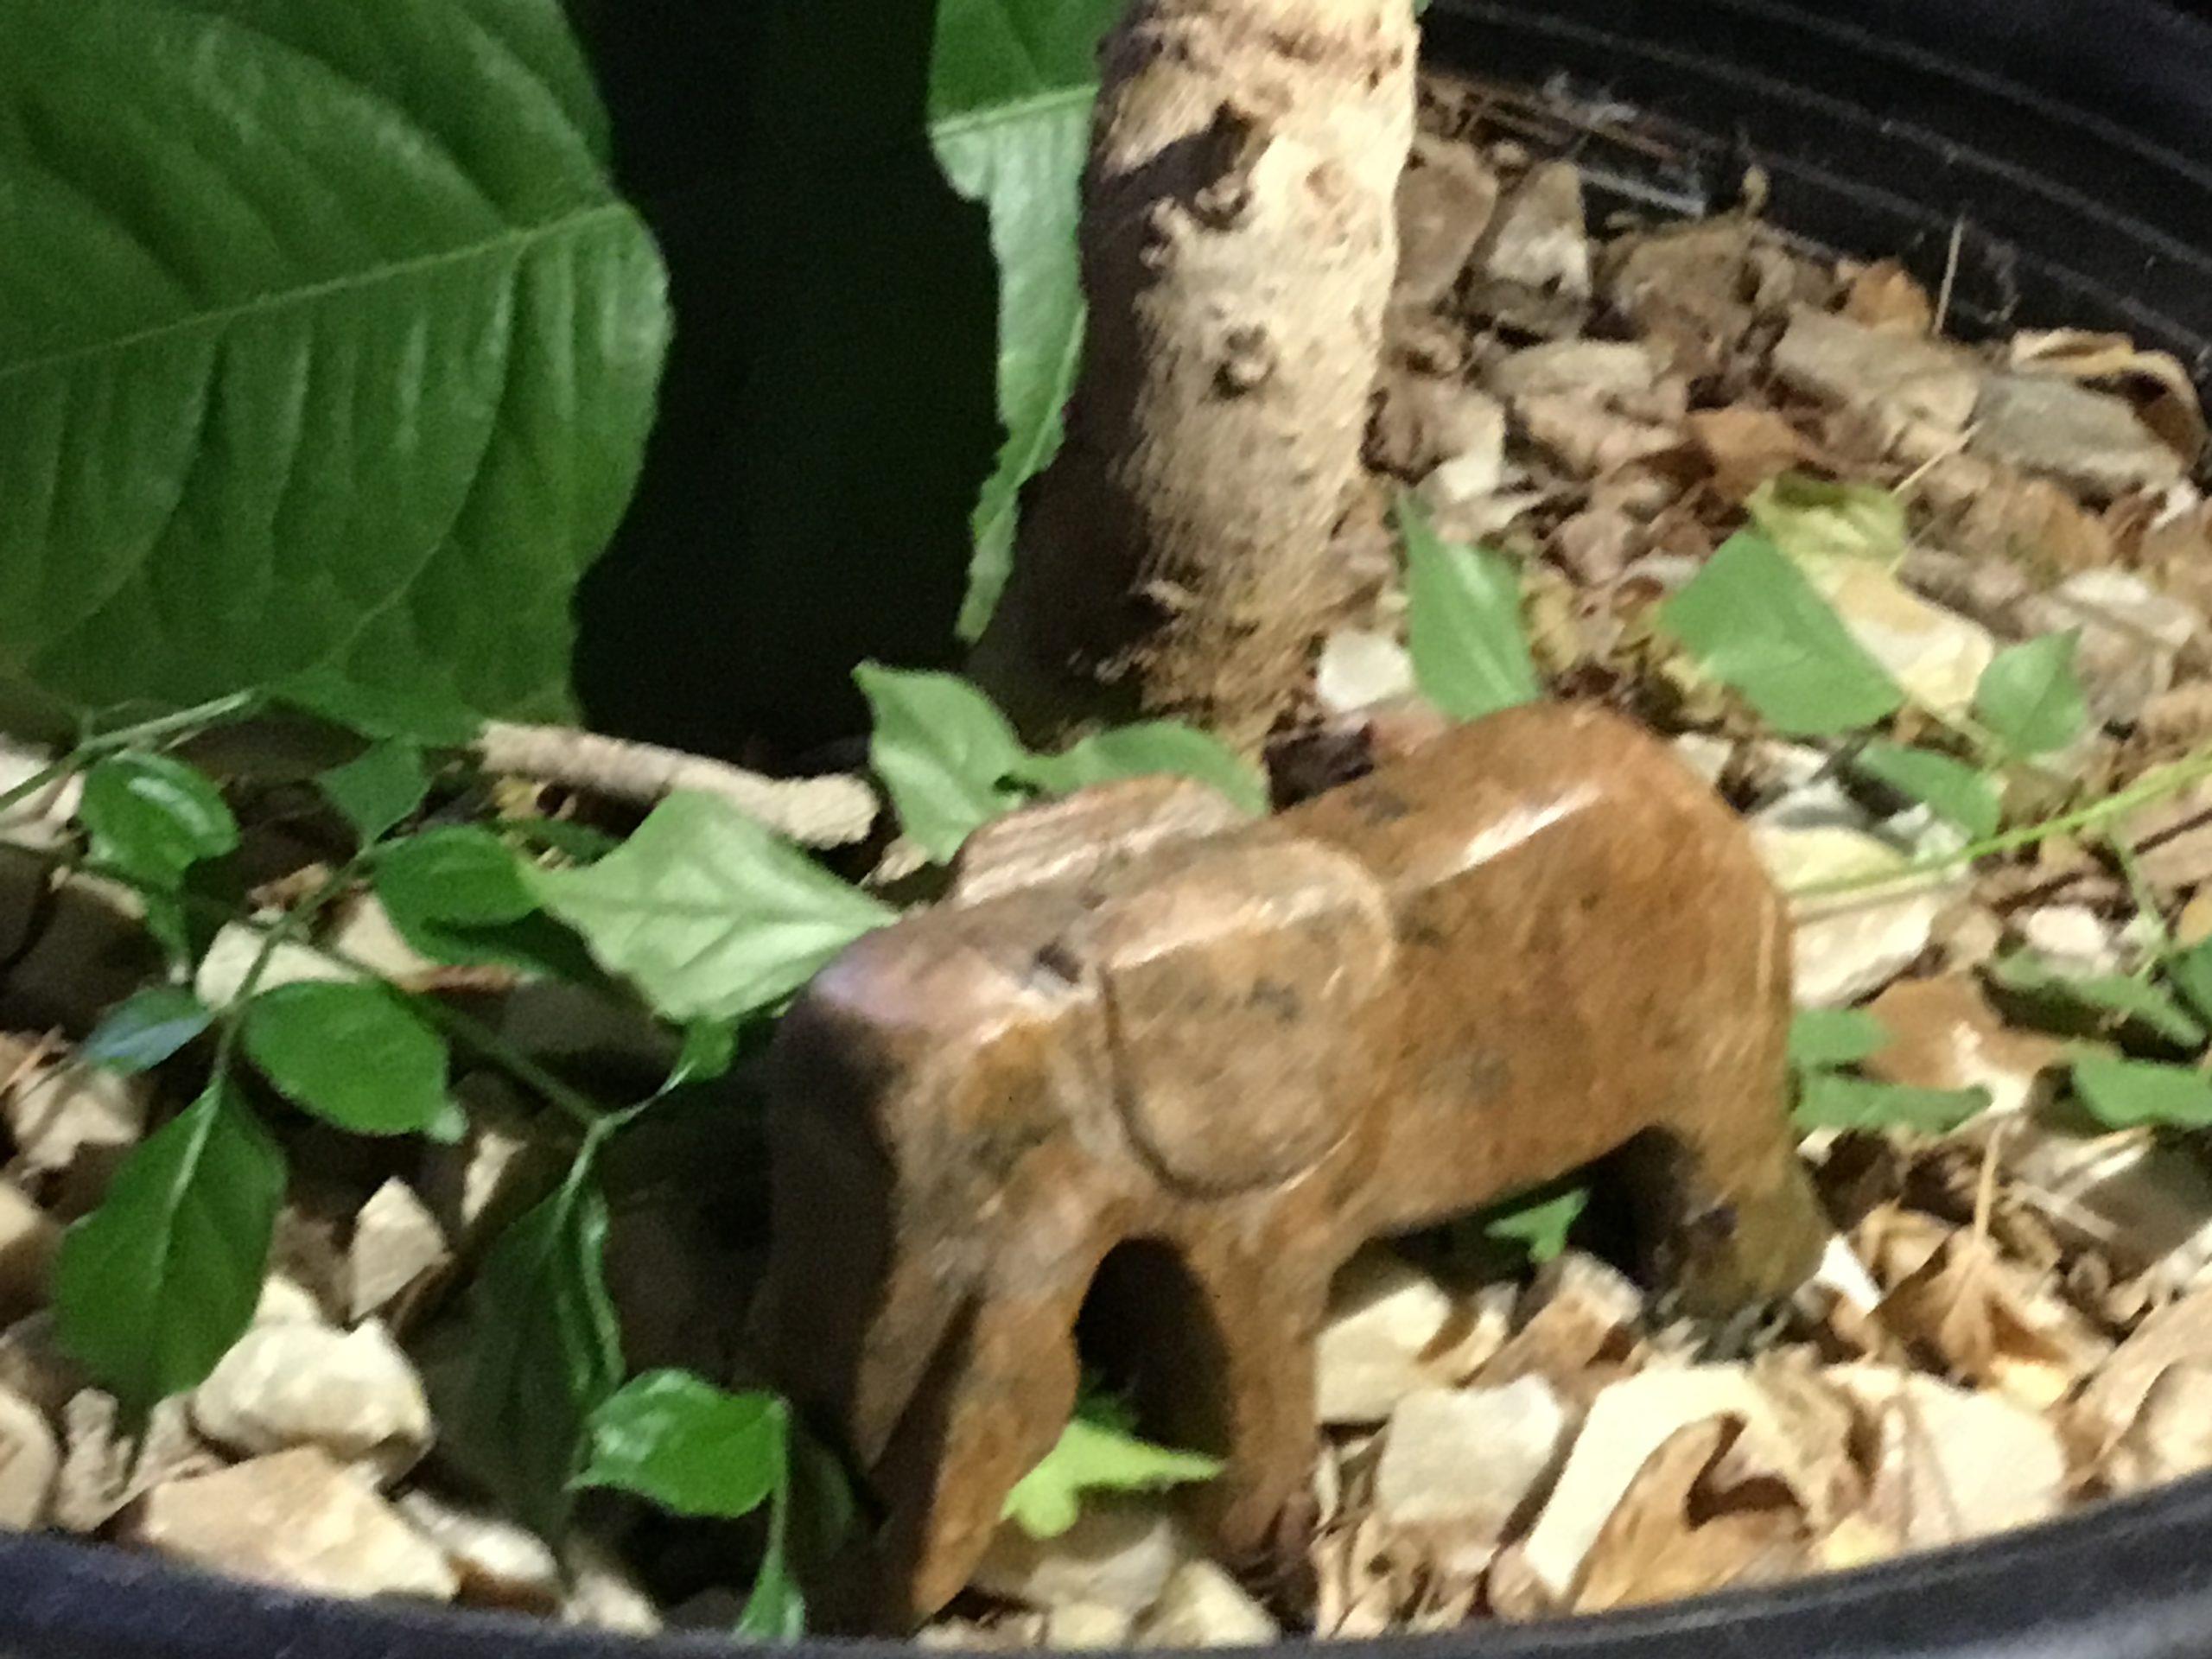 Sculpture d'un éléphant dans un pot de fleur